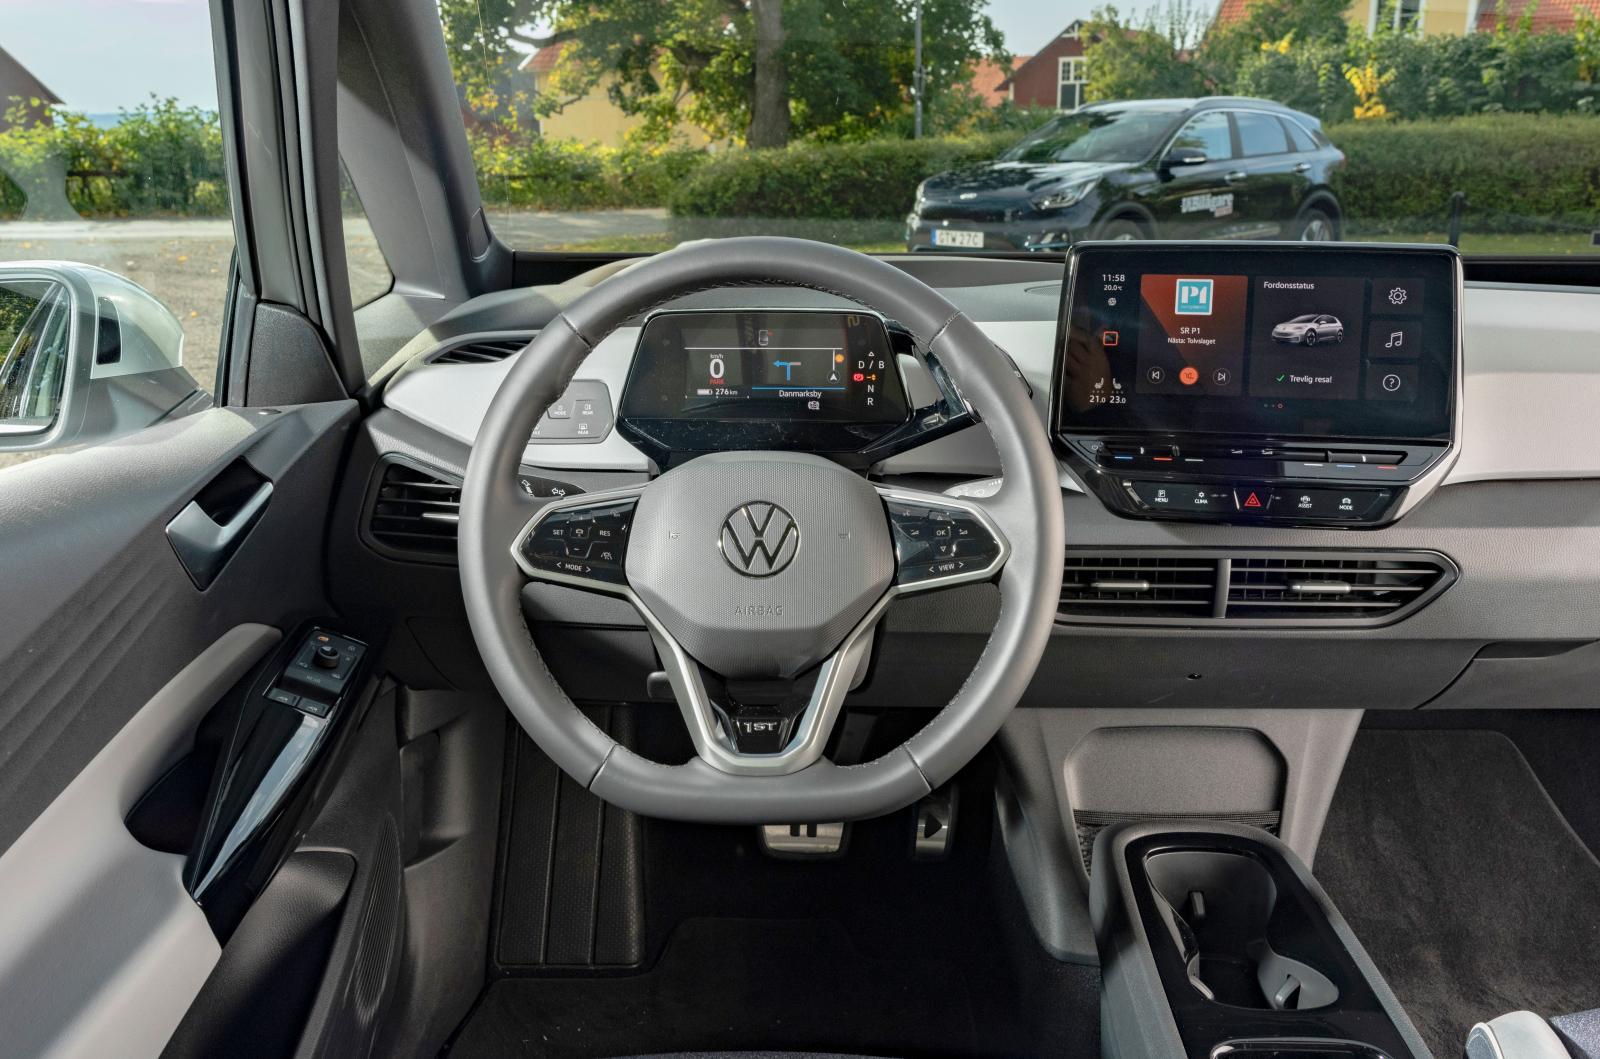 """VW: Två skärmar, rattreglage med """"haptisk"""" tryckkänsla och fönsterytor nästan som i en minibuss – ID.3 känns modern och fräsch från förarens position."""